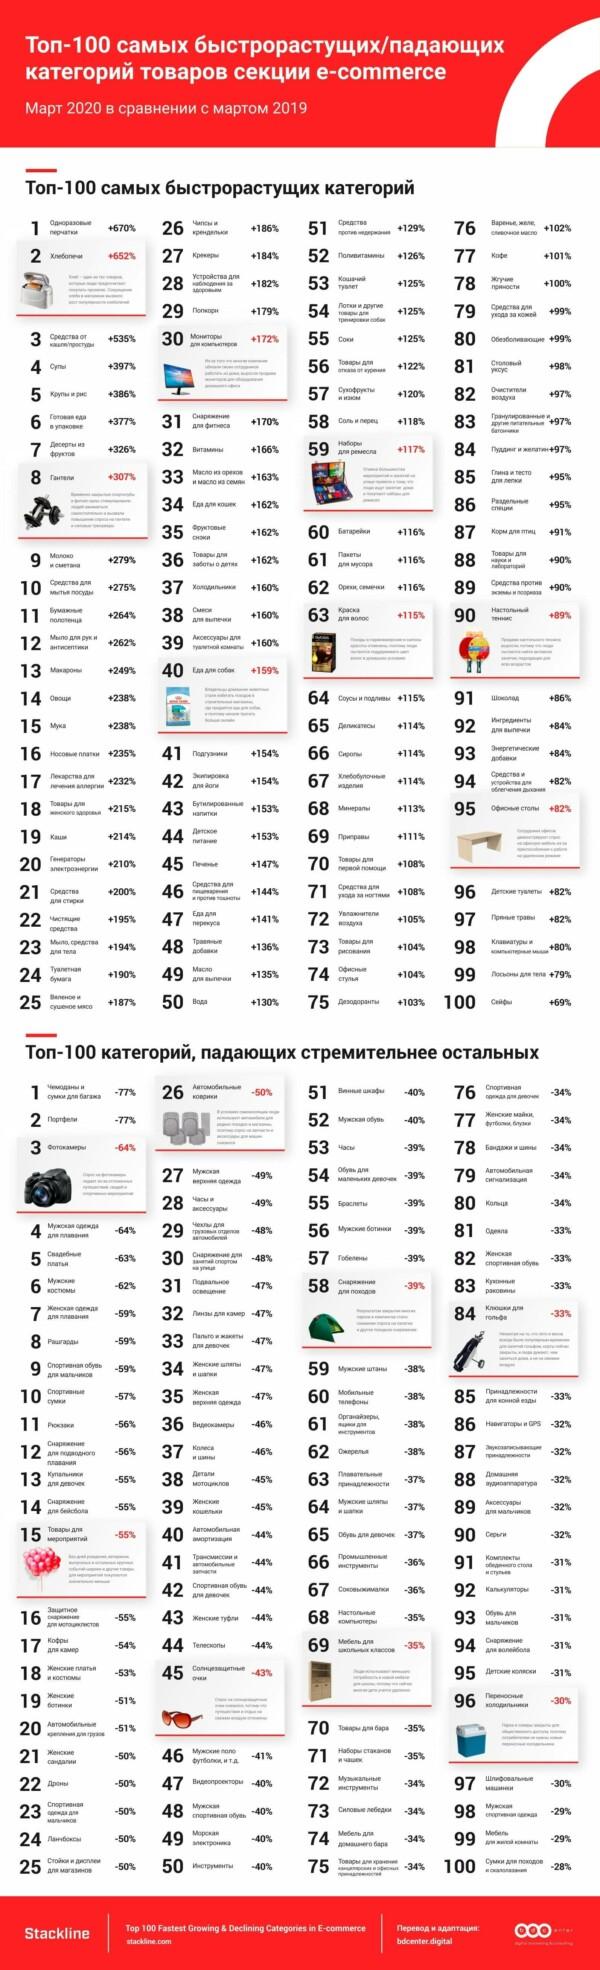 Топ-100 самых растущих и падающих товаров в период карантина